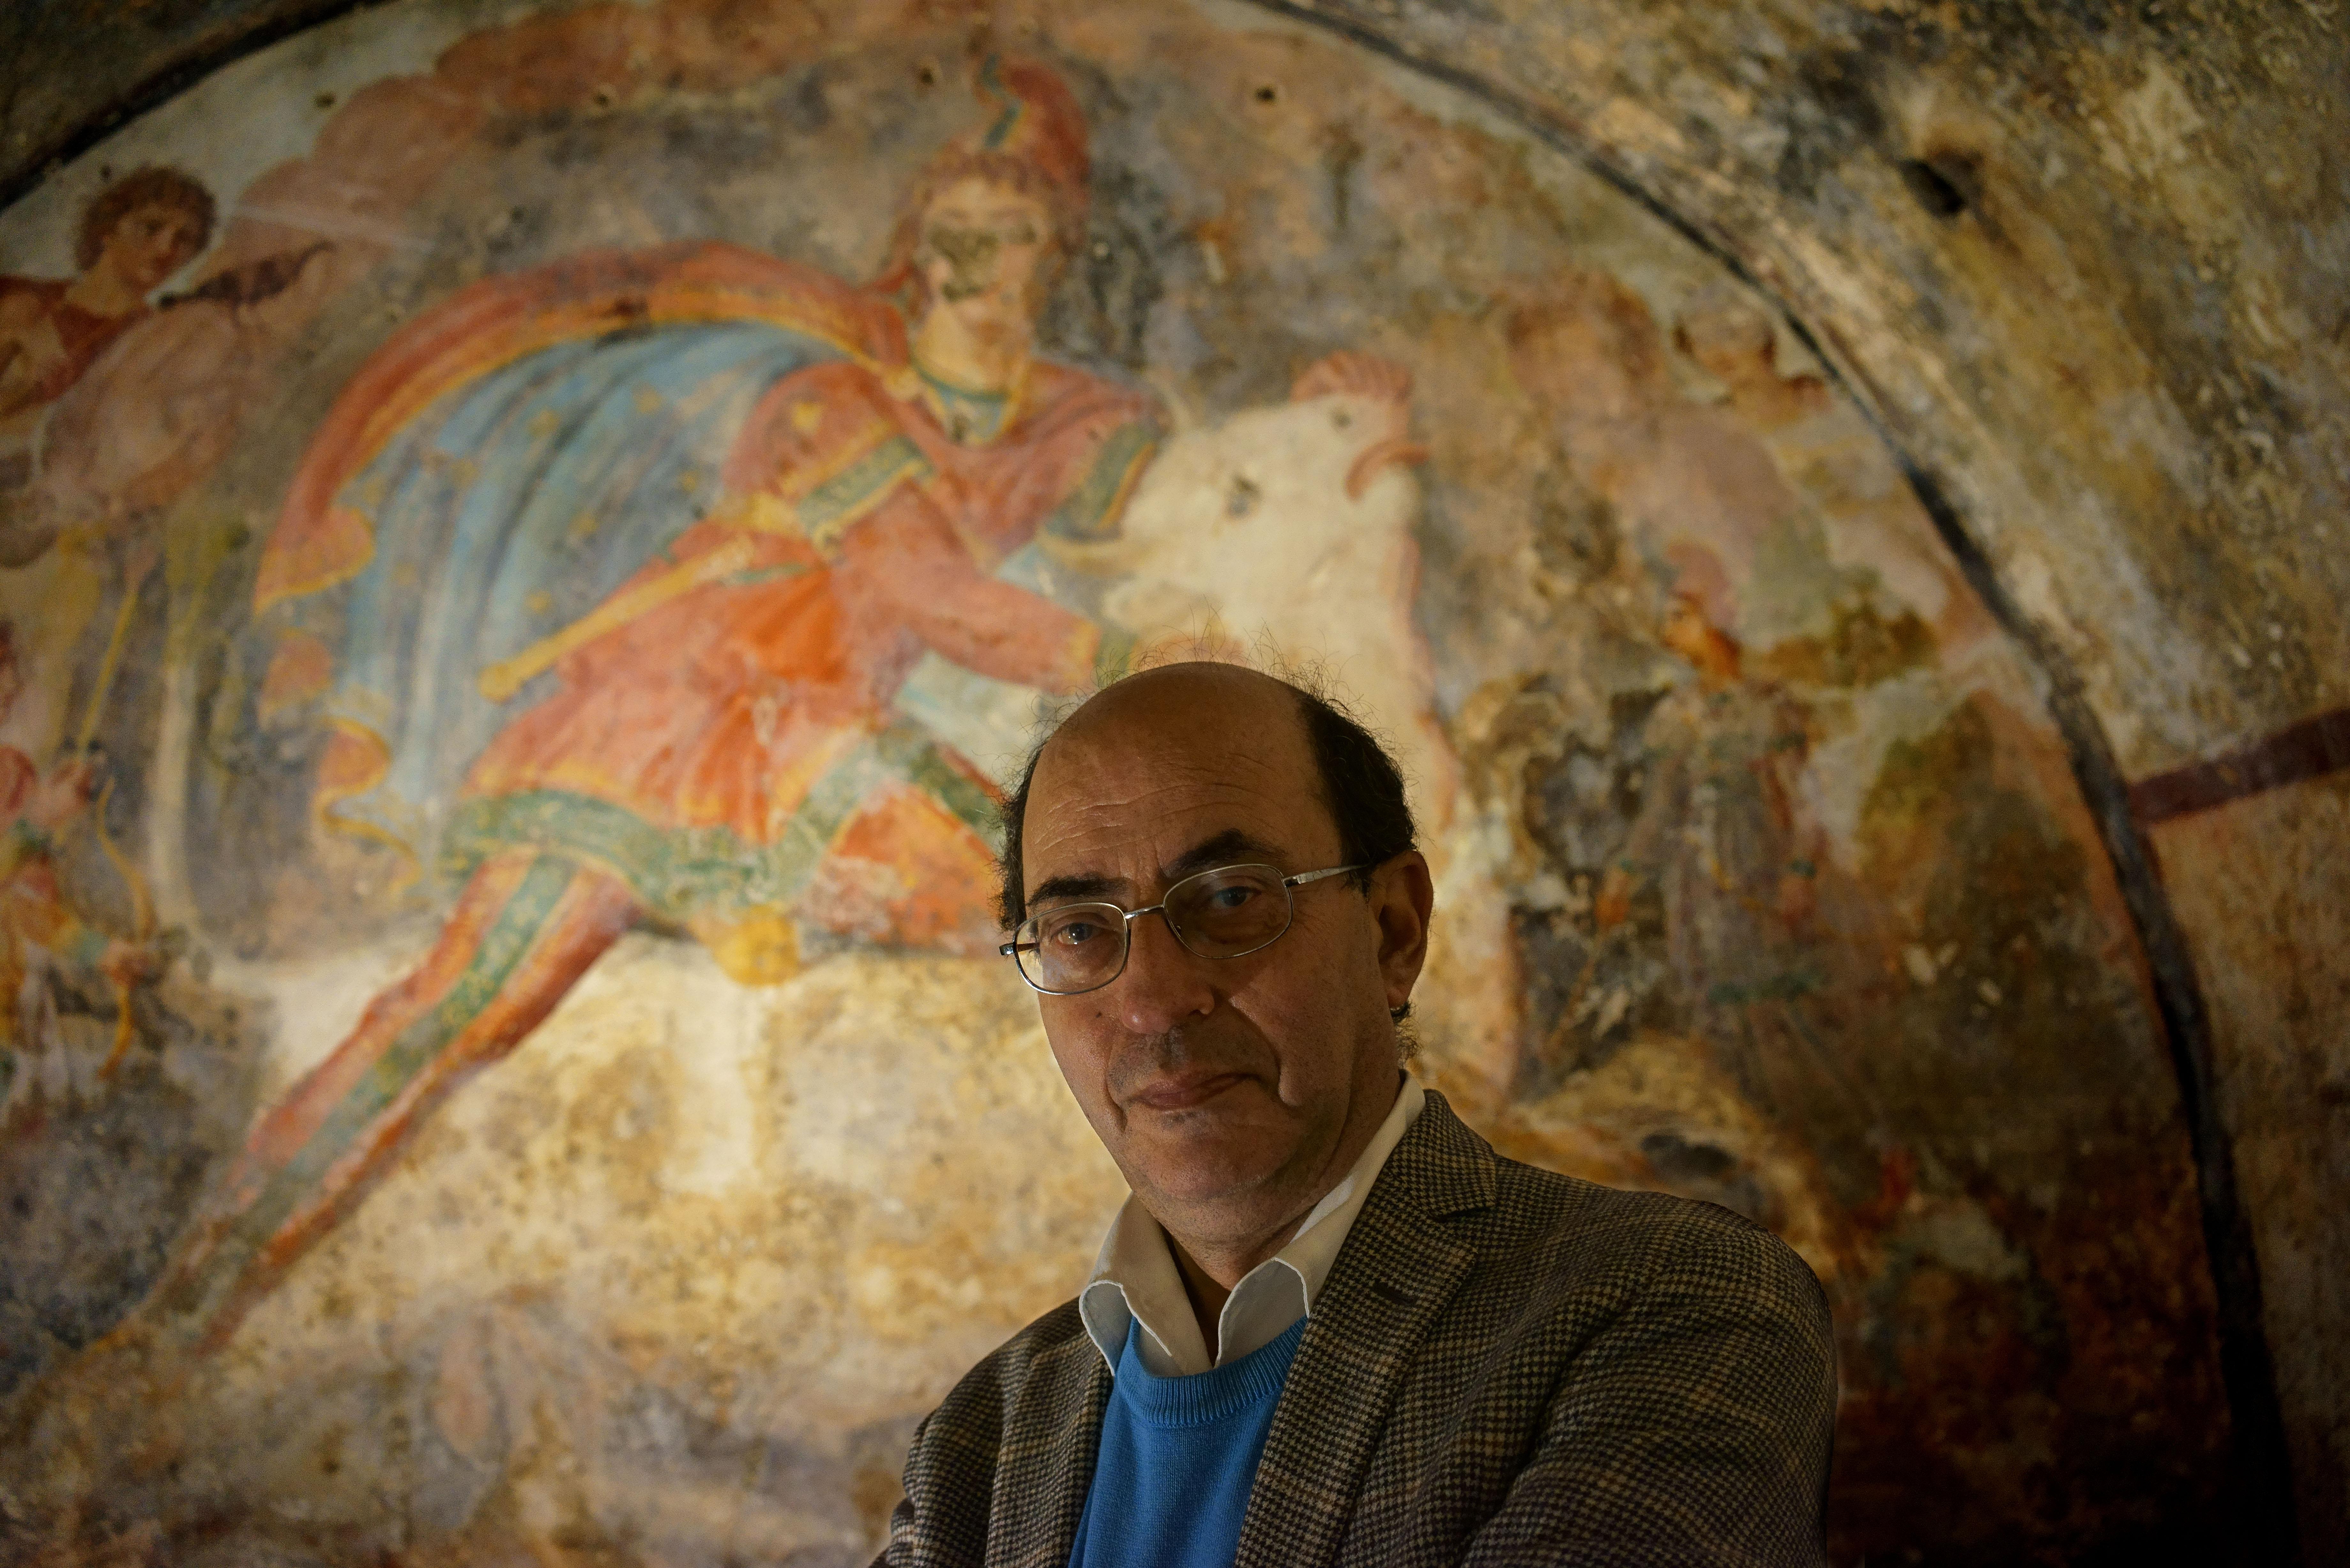 Misteri Antichi e Pensiero Vivente – Stefano Arcella